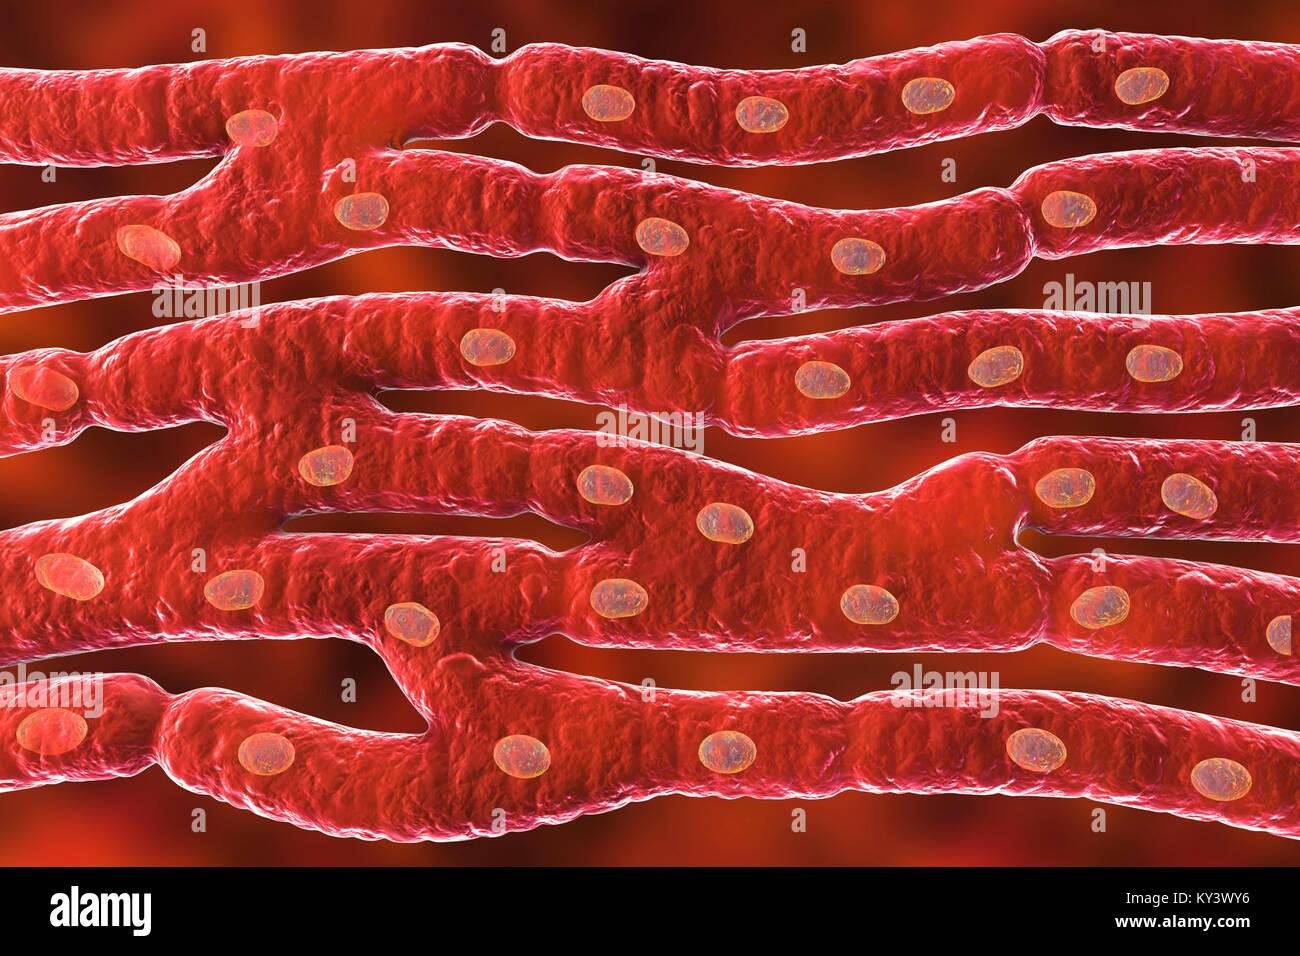 Herzmuskel Struktur, computer Abbildung. Herzmuskel besteht aus Spindelförmige Zellen in unregelmäßigen Stockbild